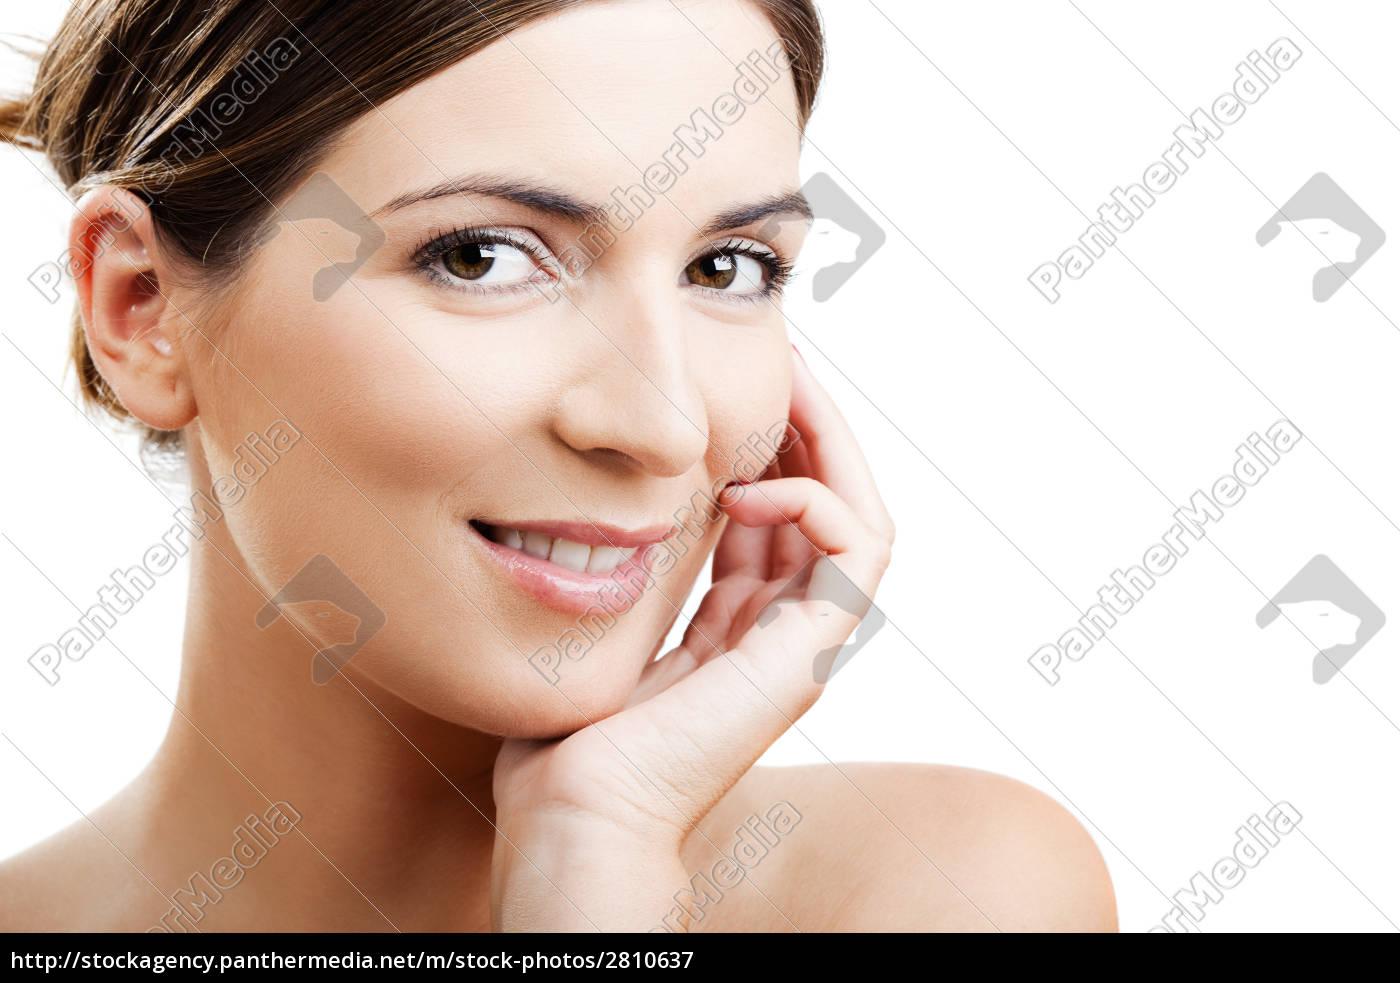 face, beauty - 2810637